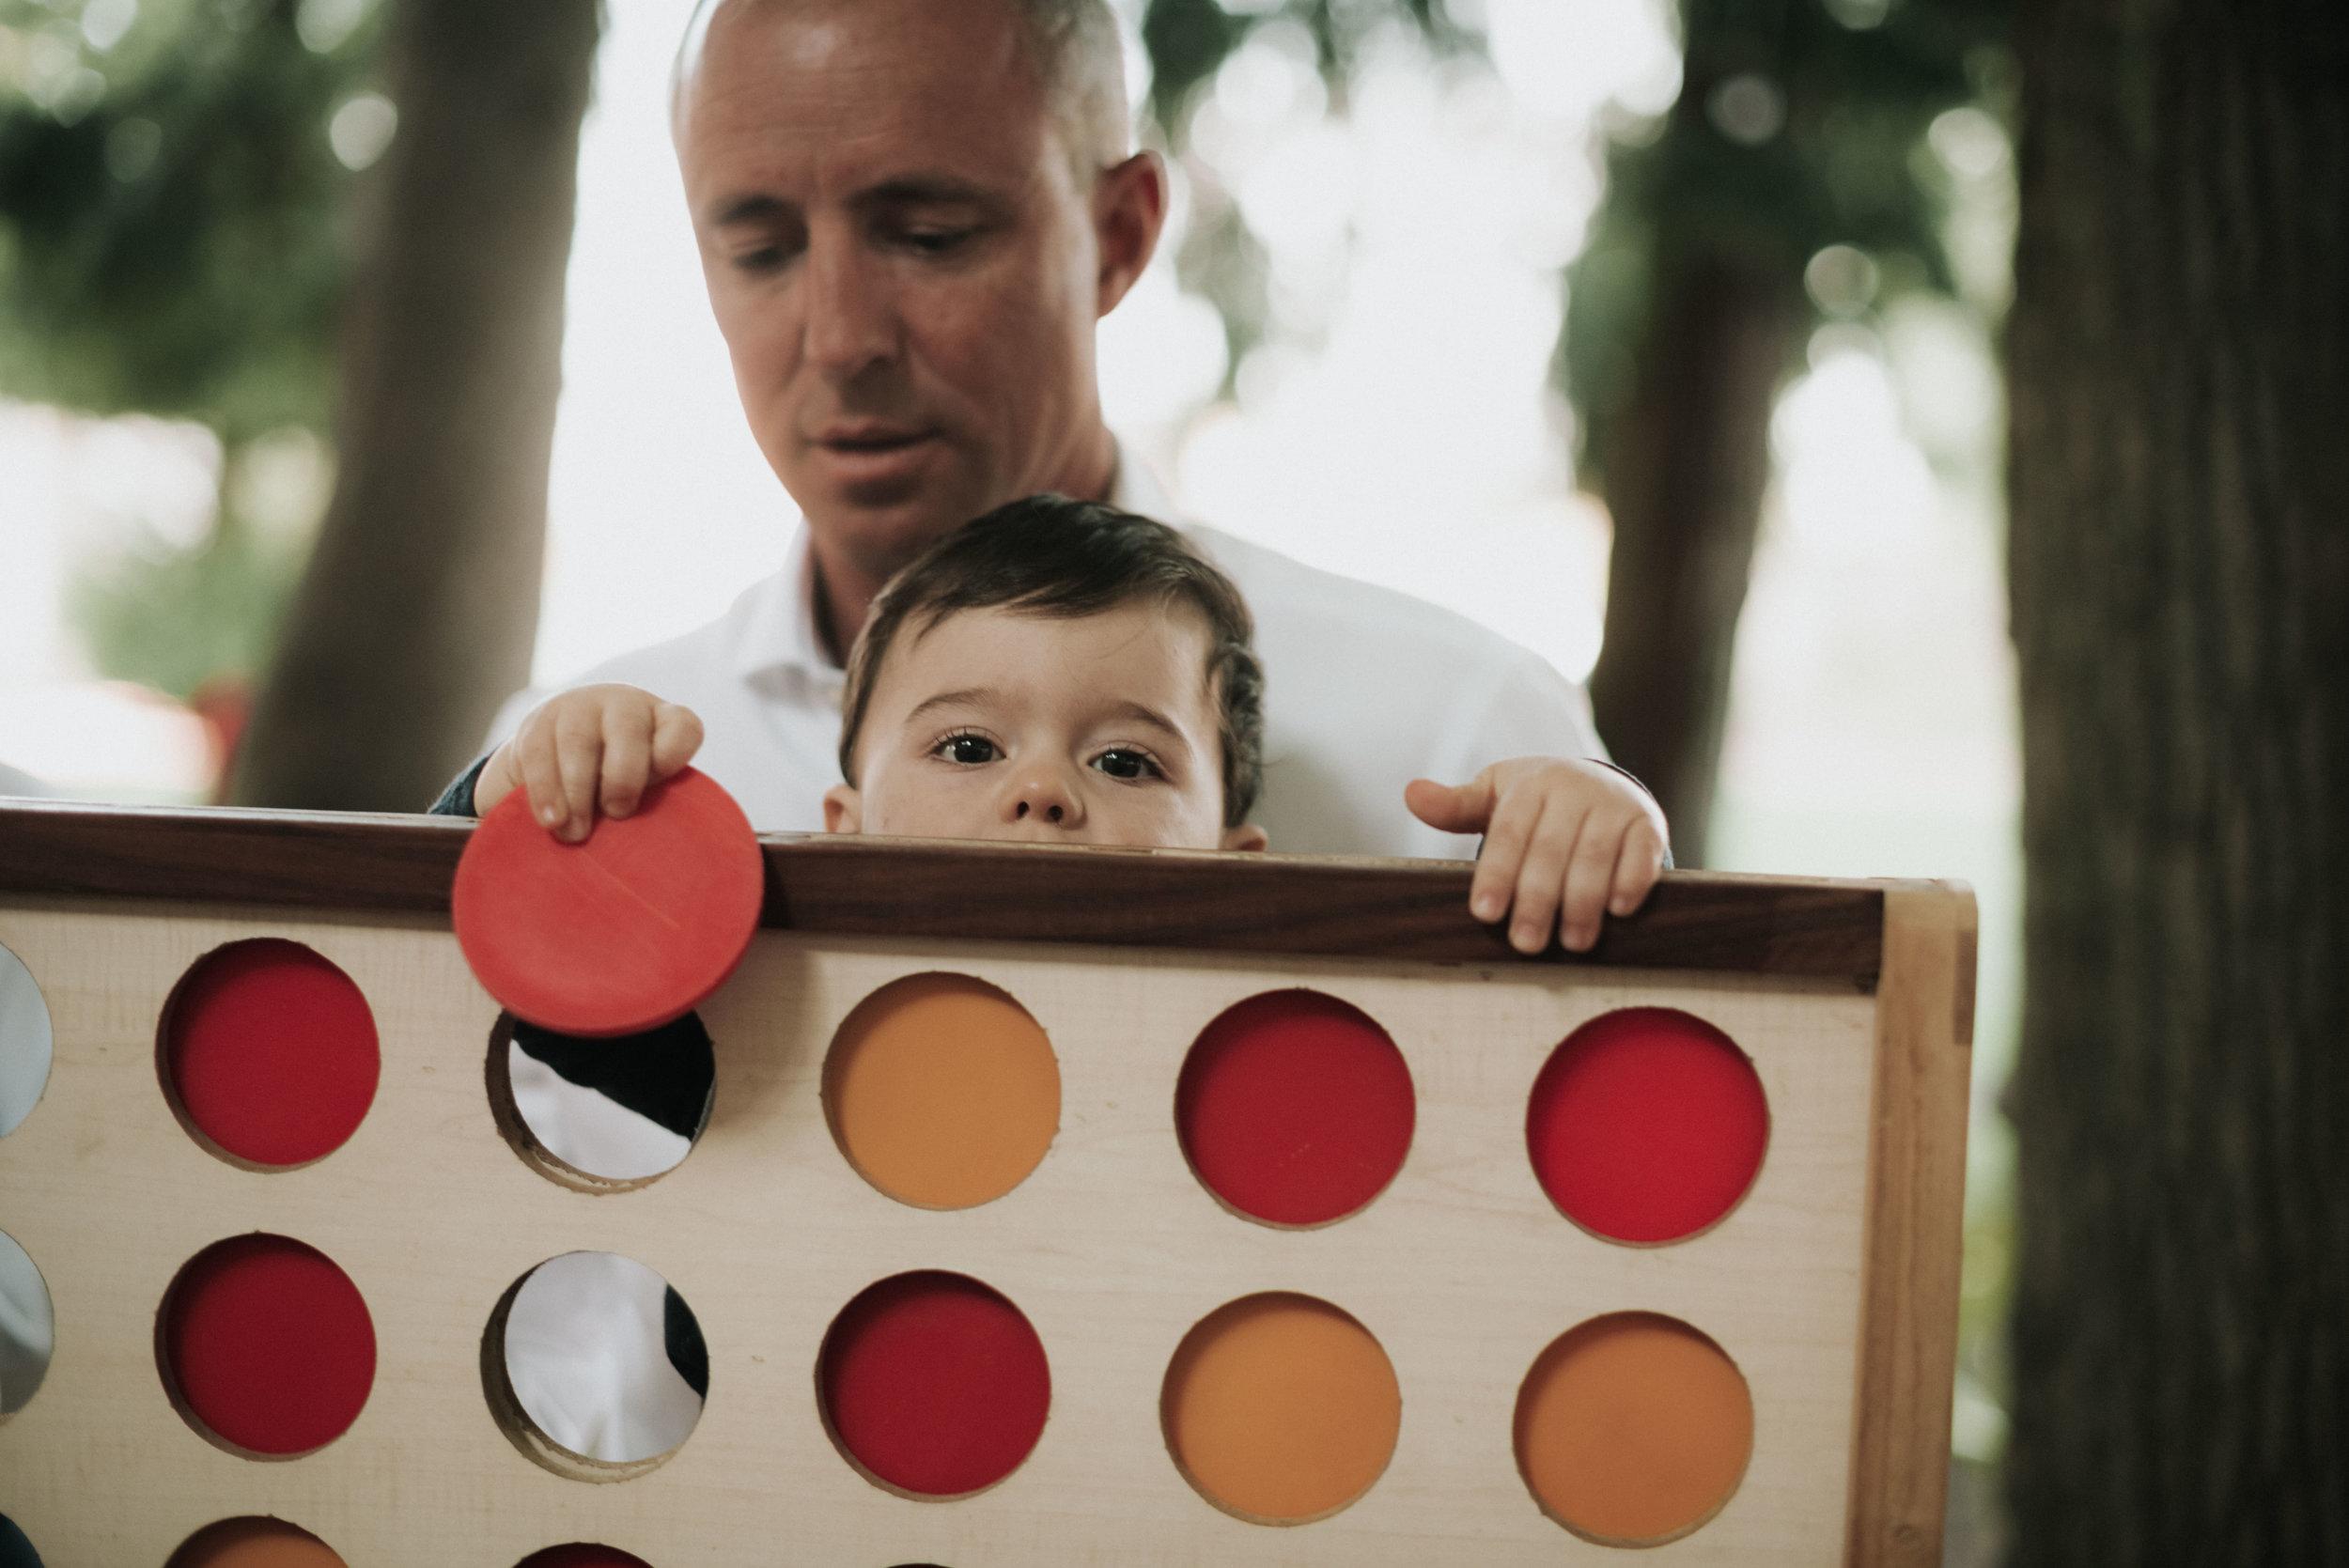 Léa-Fery-photographe-professionnel-lyon-rhone-alpes-portrait-creation-mariage-evenement-evenementiel-famille-9299.jpg